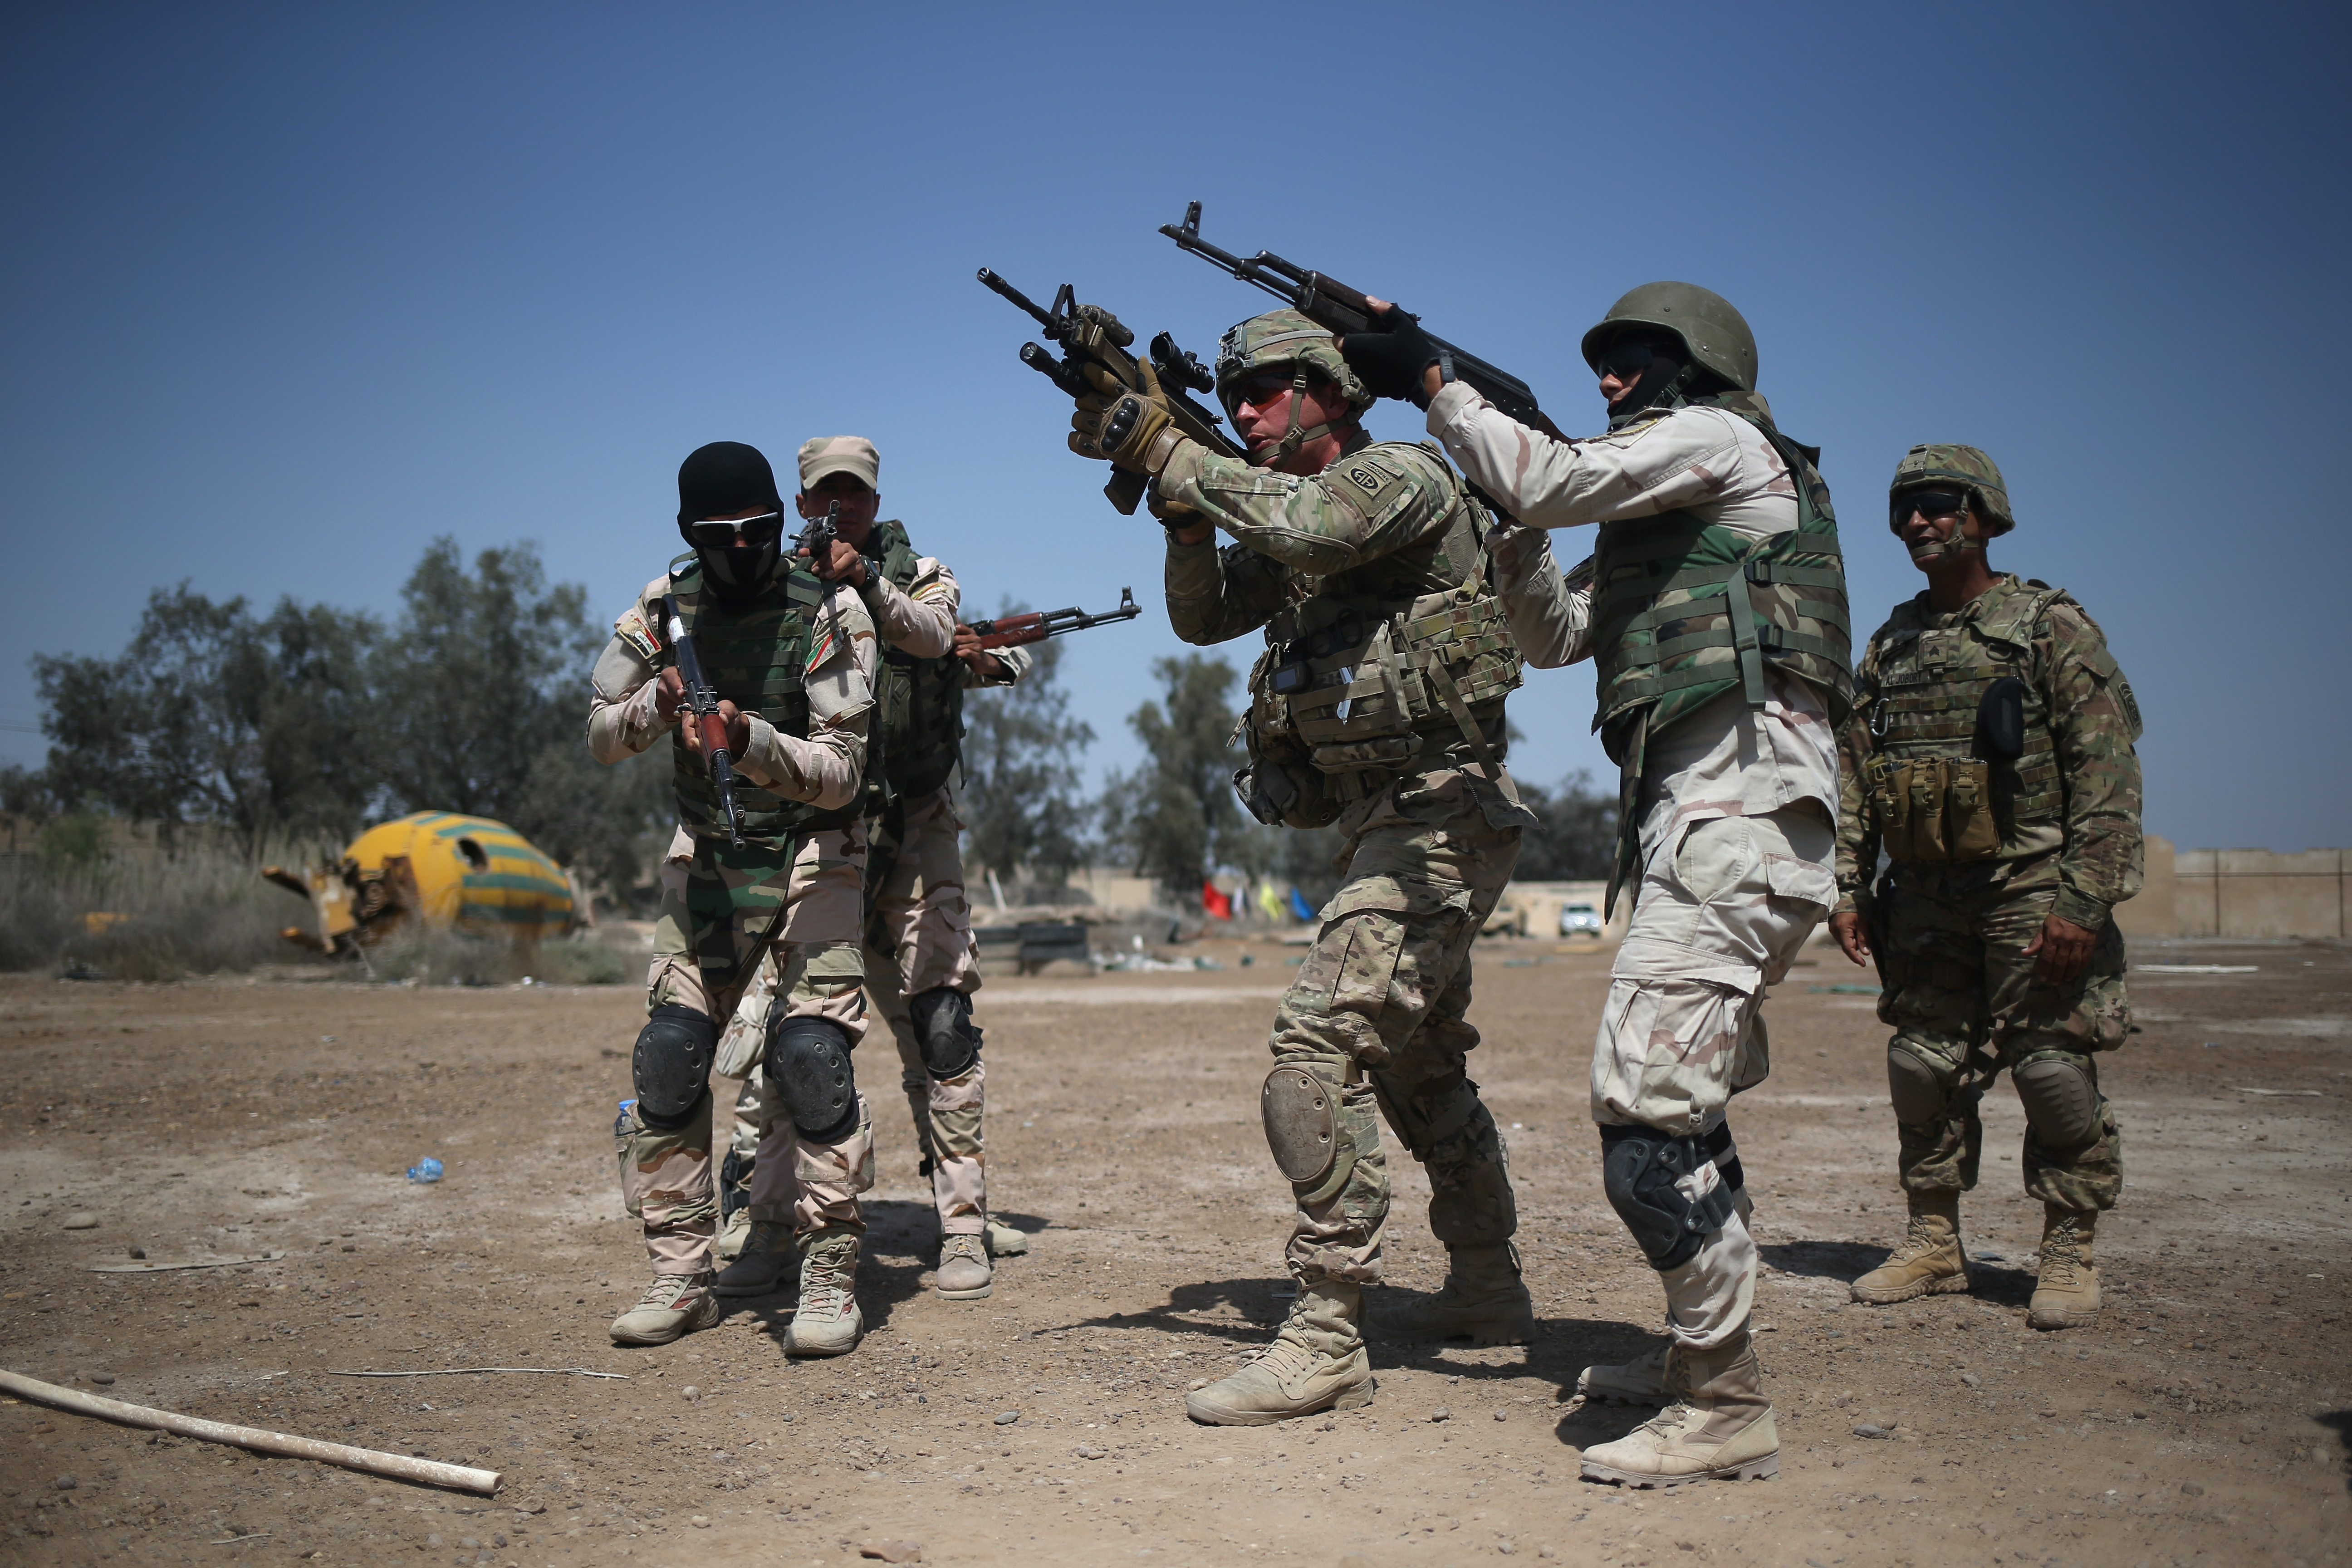 U.S. Army trainers instruct Iraqi Army recruits at a military base on April 12, 2015 in Taji, Iraq.